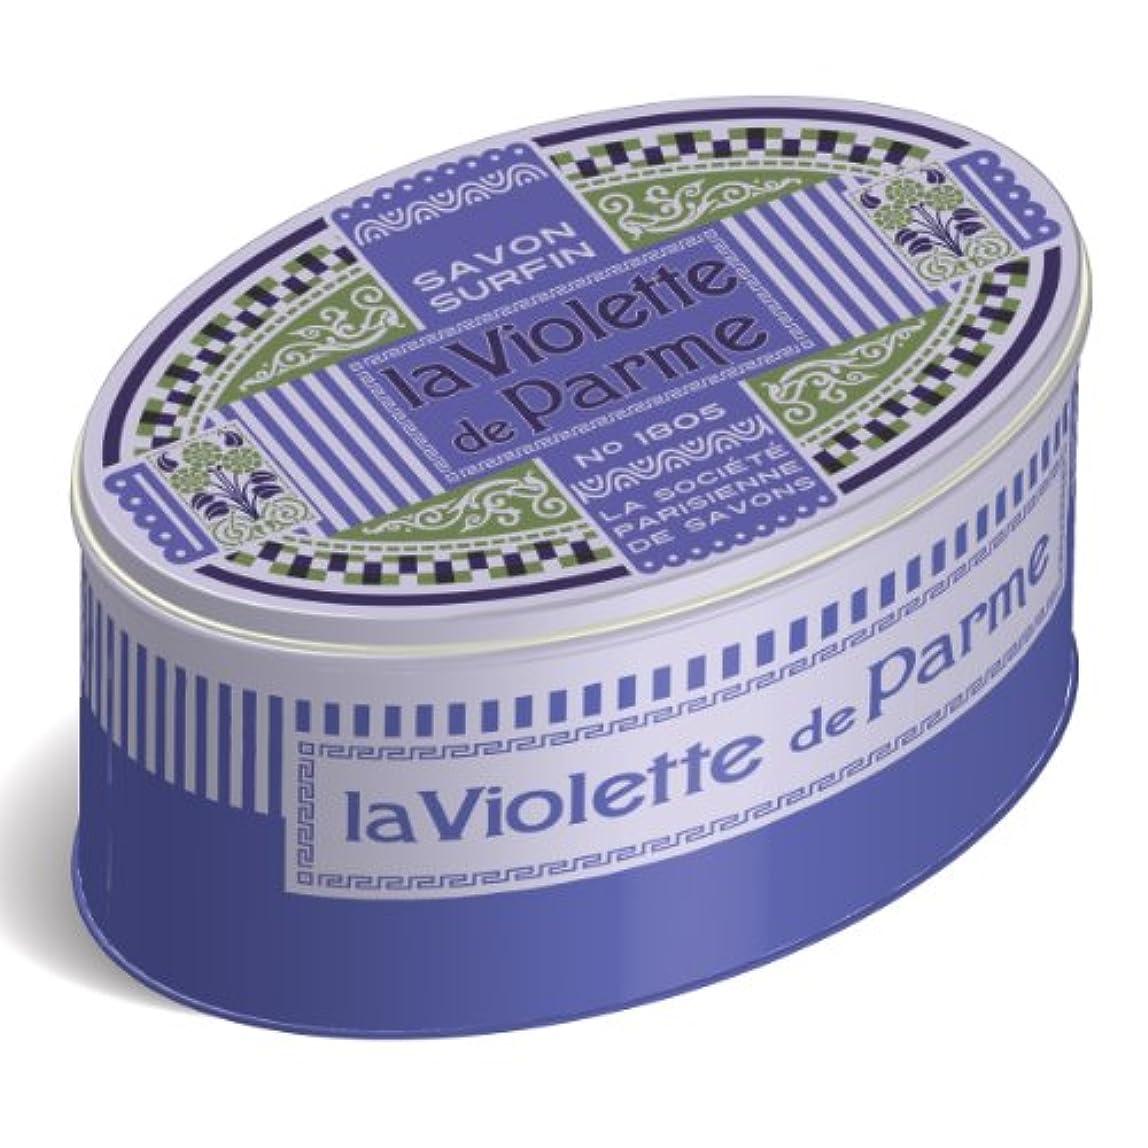 本物の気質日没LA SOCIETE PARISIENNE DE SAVONS フレグランスソープ(缶入) 250g 「ラヴィオットデパルム」 3440576130614